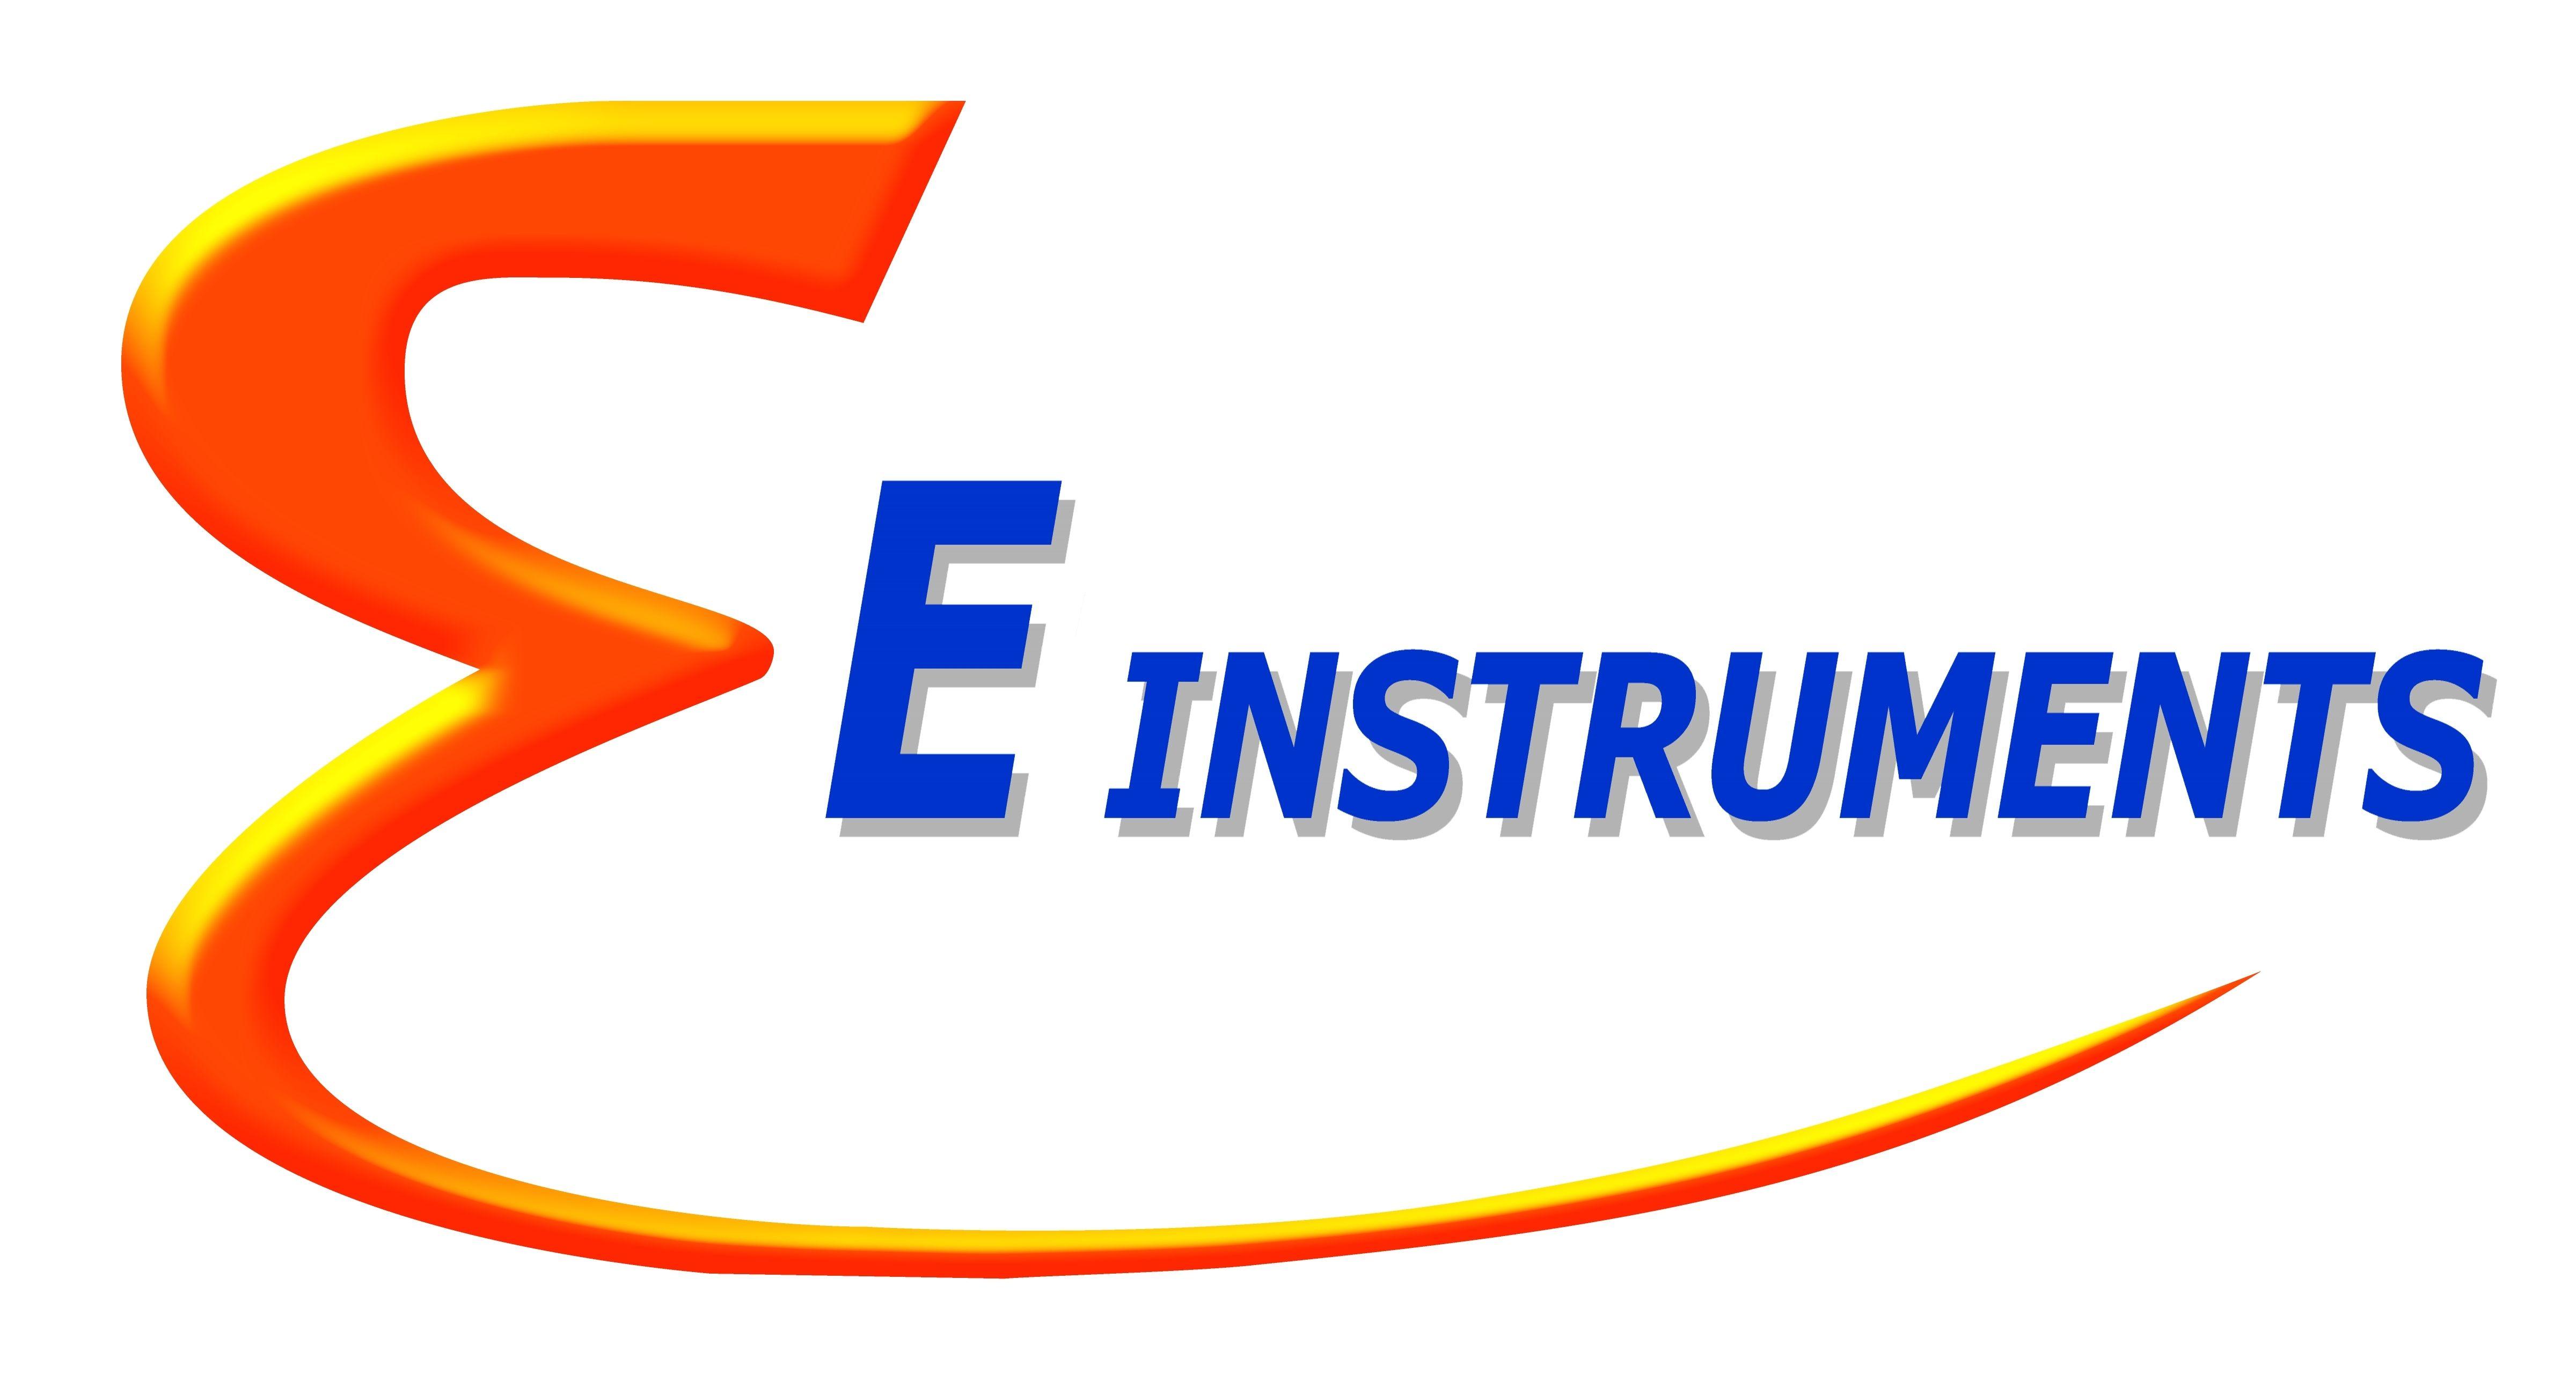 einstruments_logo